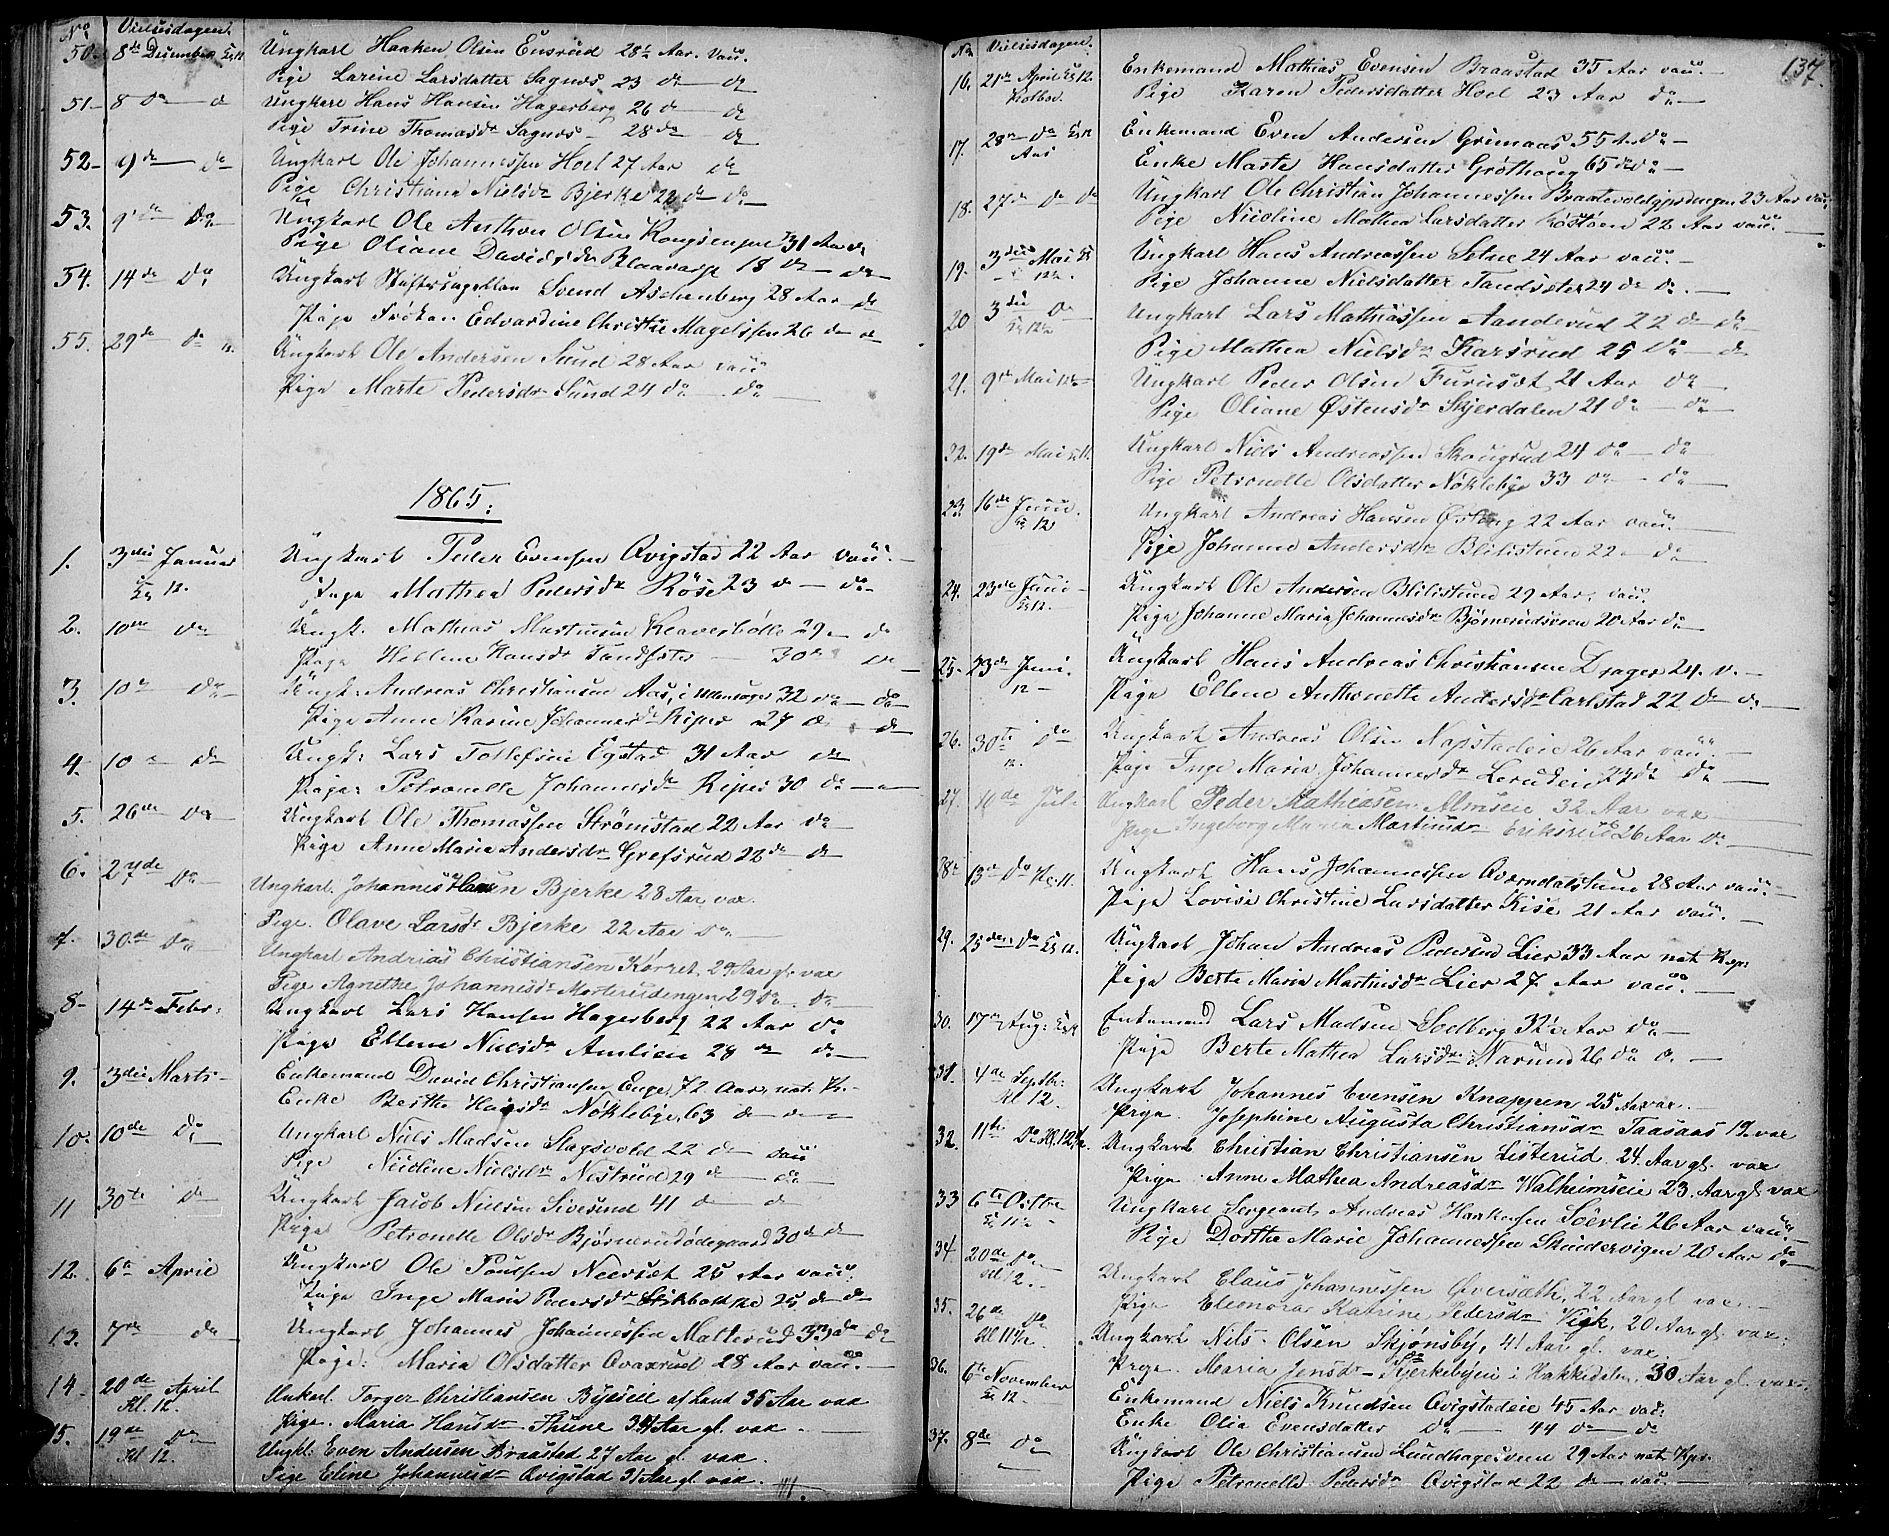 SAH, Vestre Toten prestekontor, Klokkerbok nr. 5, 1854-1870, s. 137